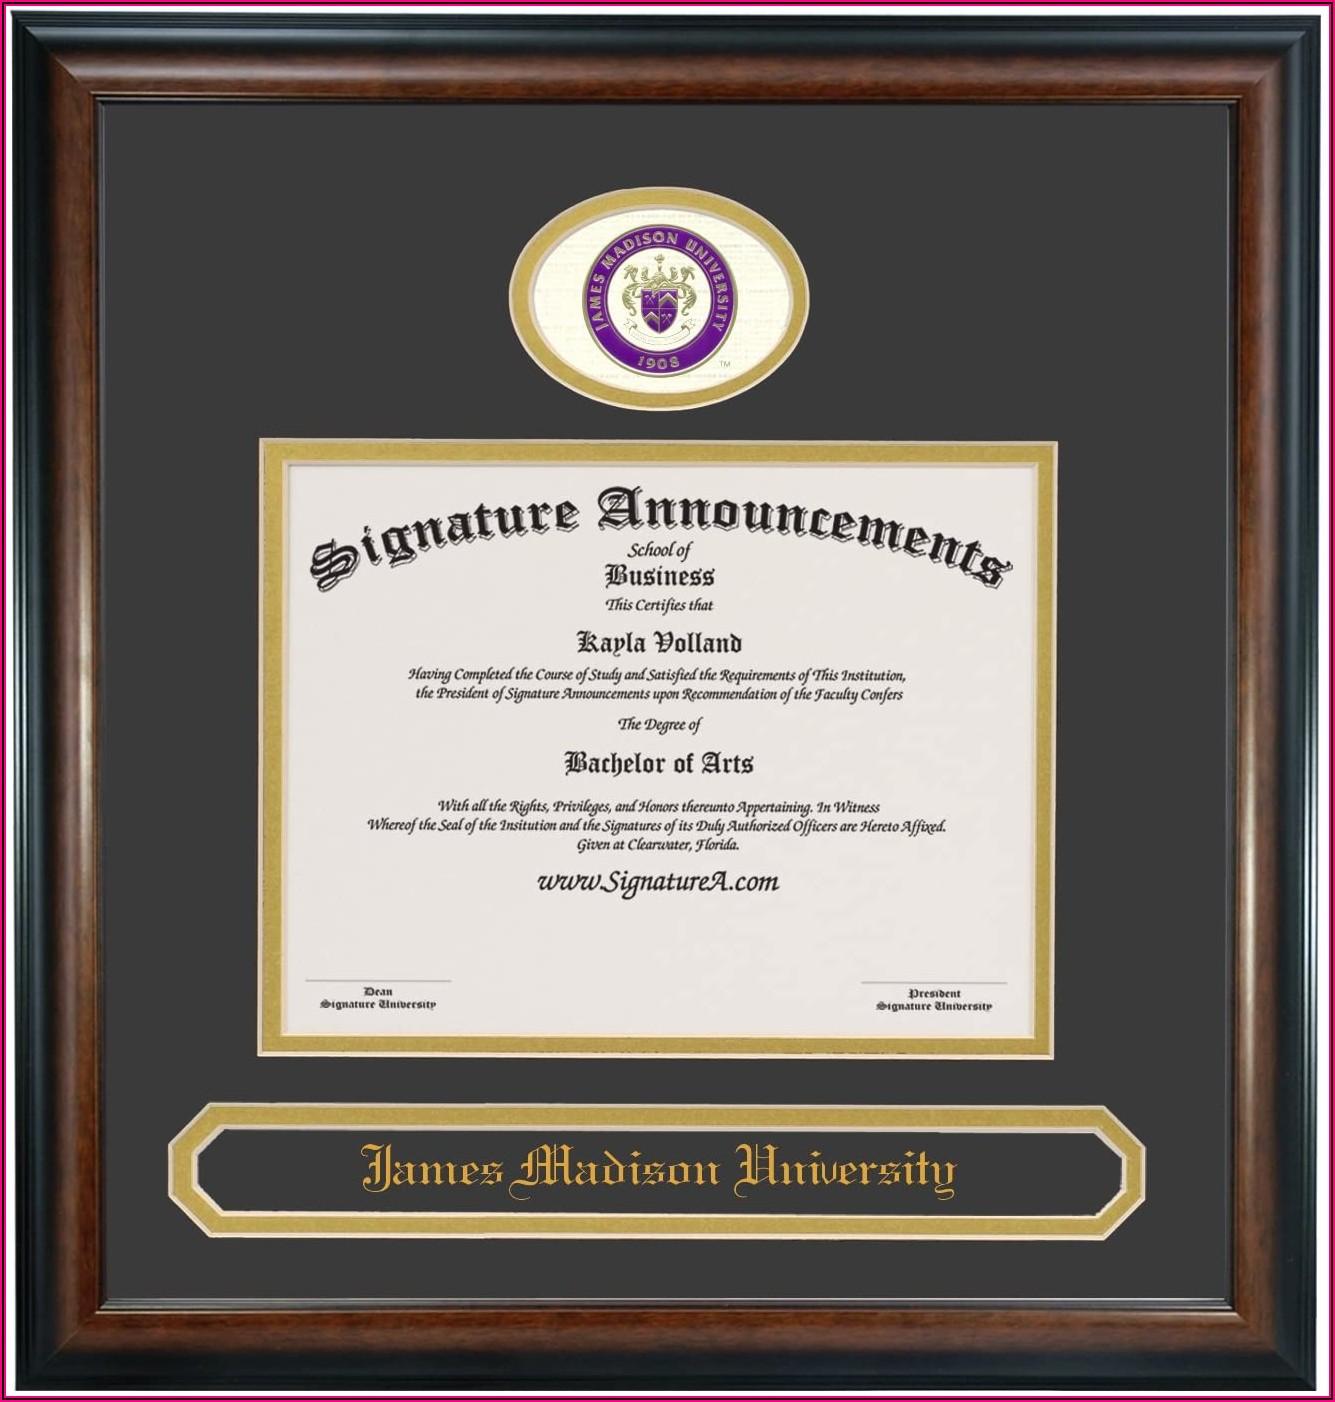 James Madison University Graduation Announcements